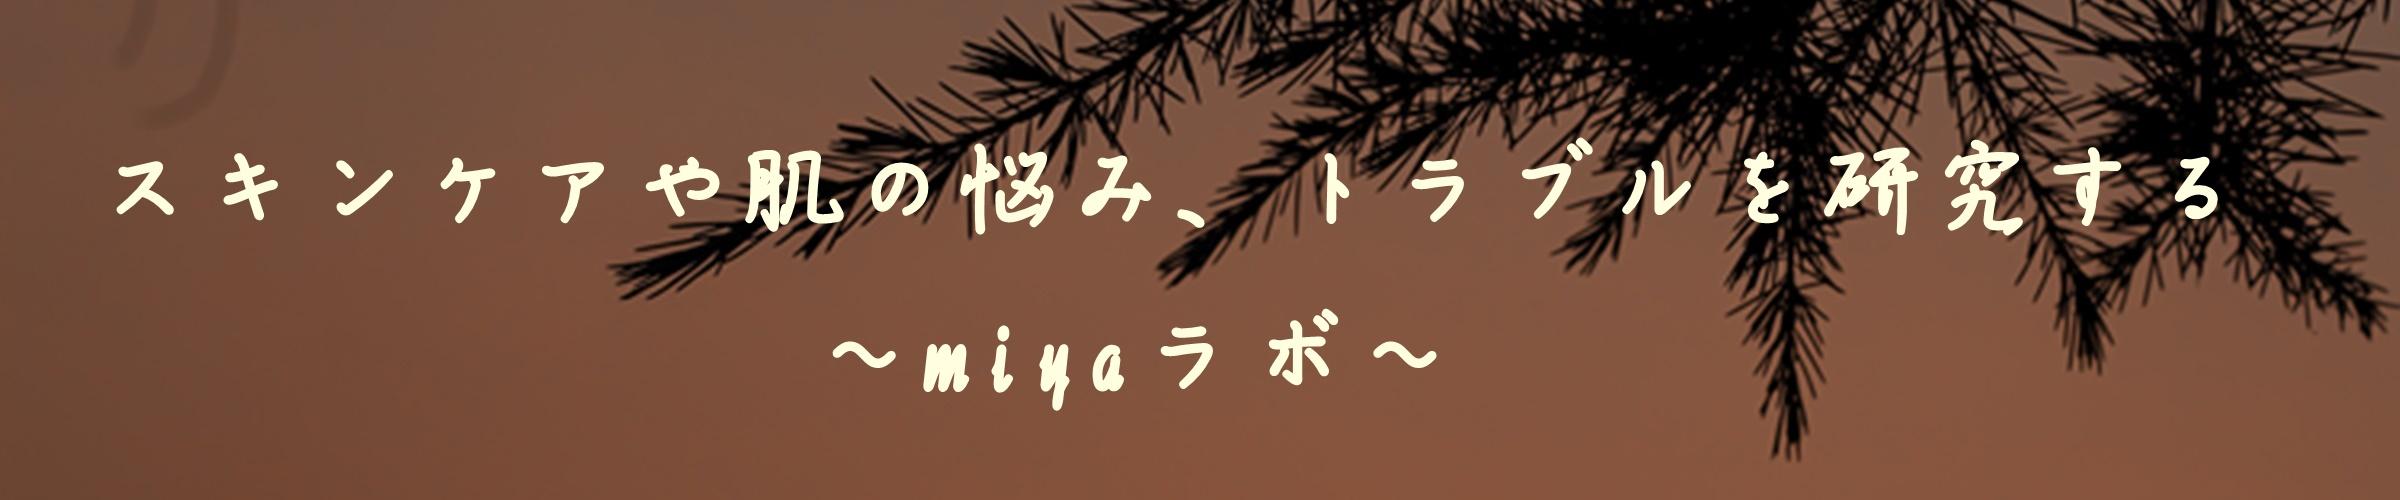 スキンケアや肌の悩み、トラブルを研究する~miyaラボ~